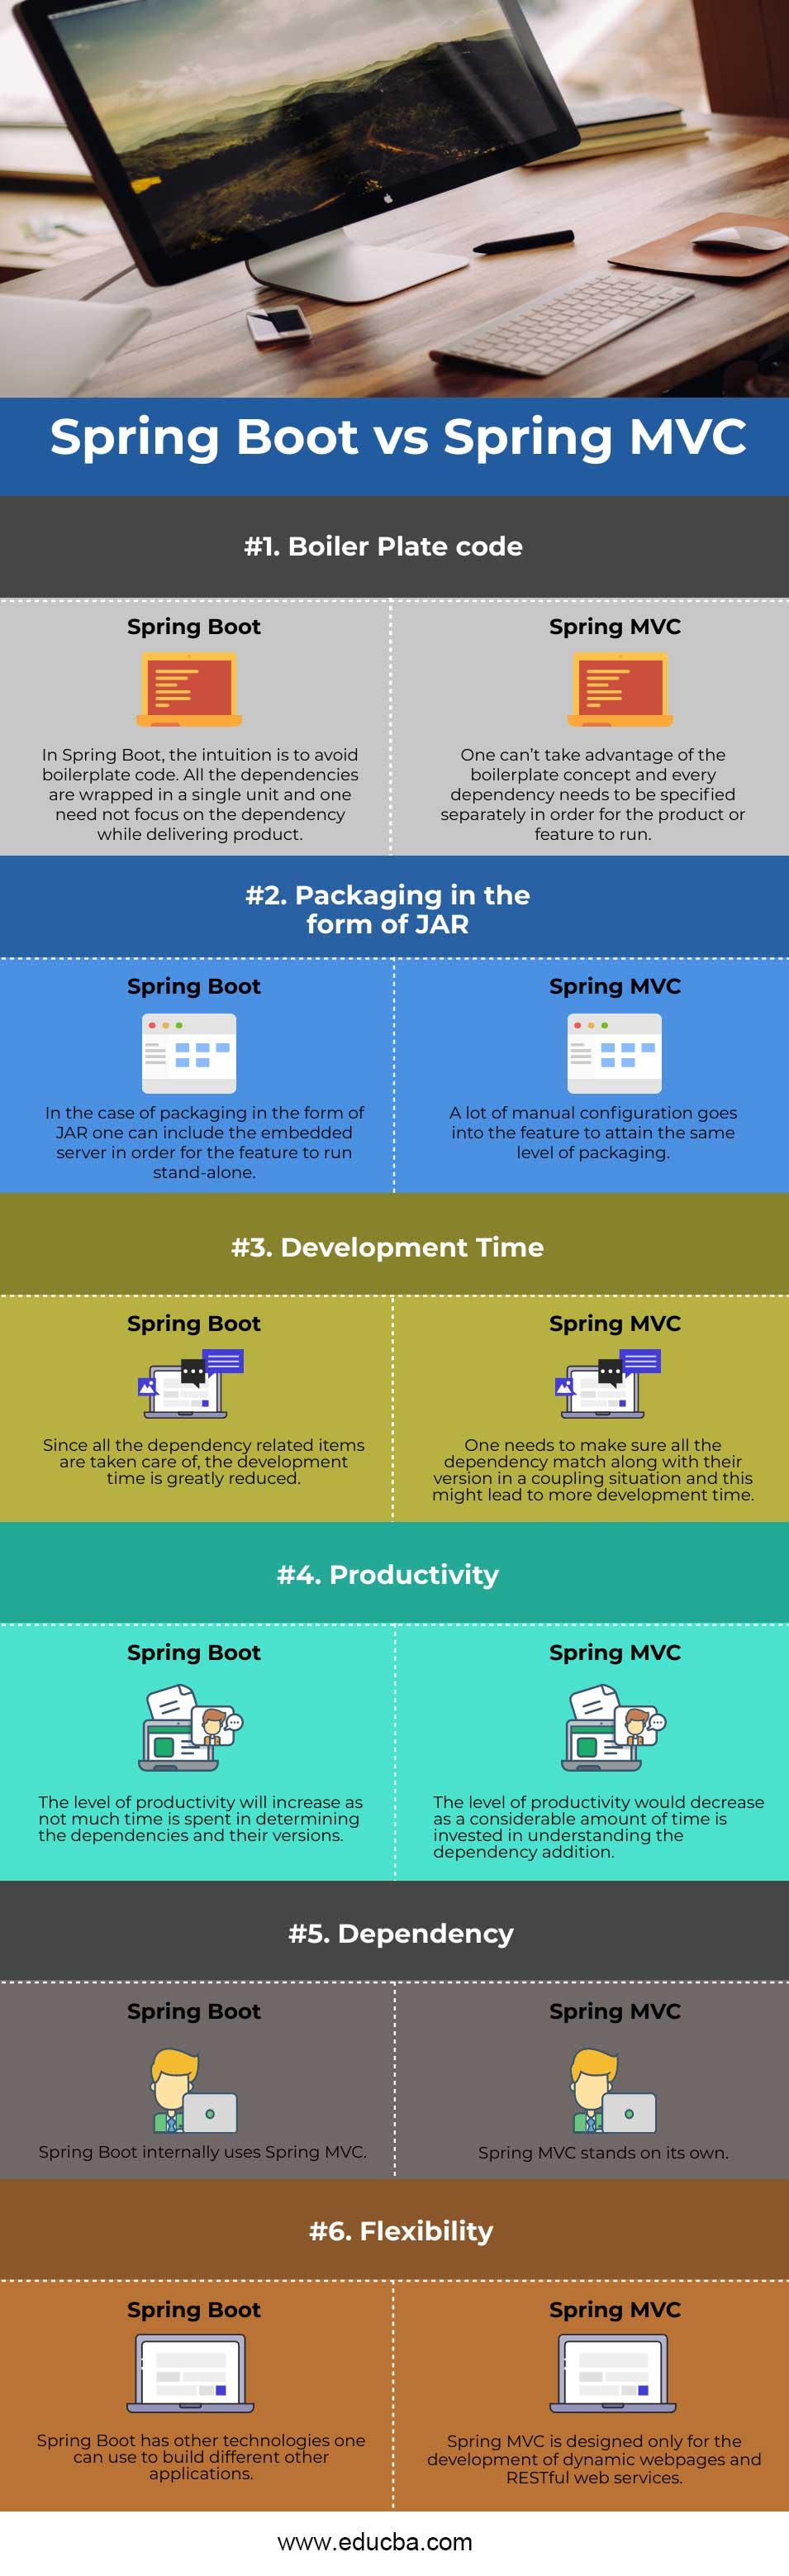 Spring-Boot-vs-Spring-MVC-info